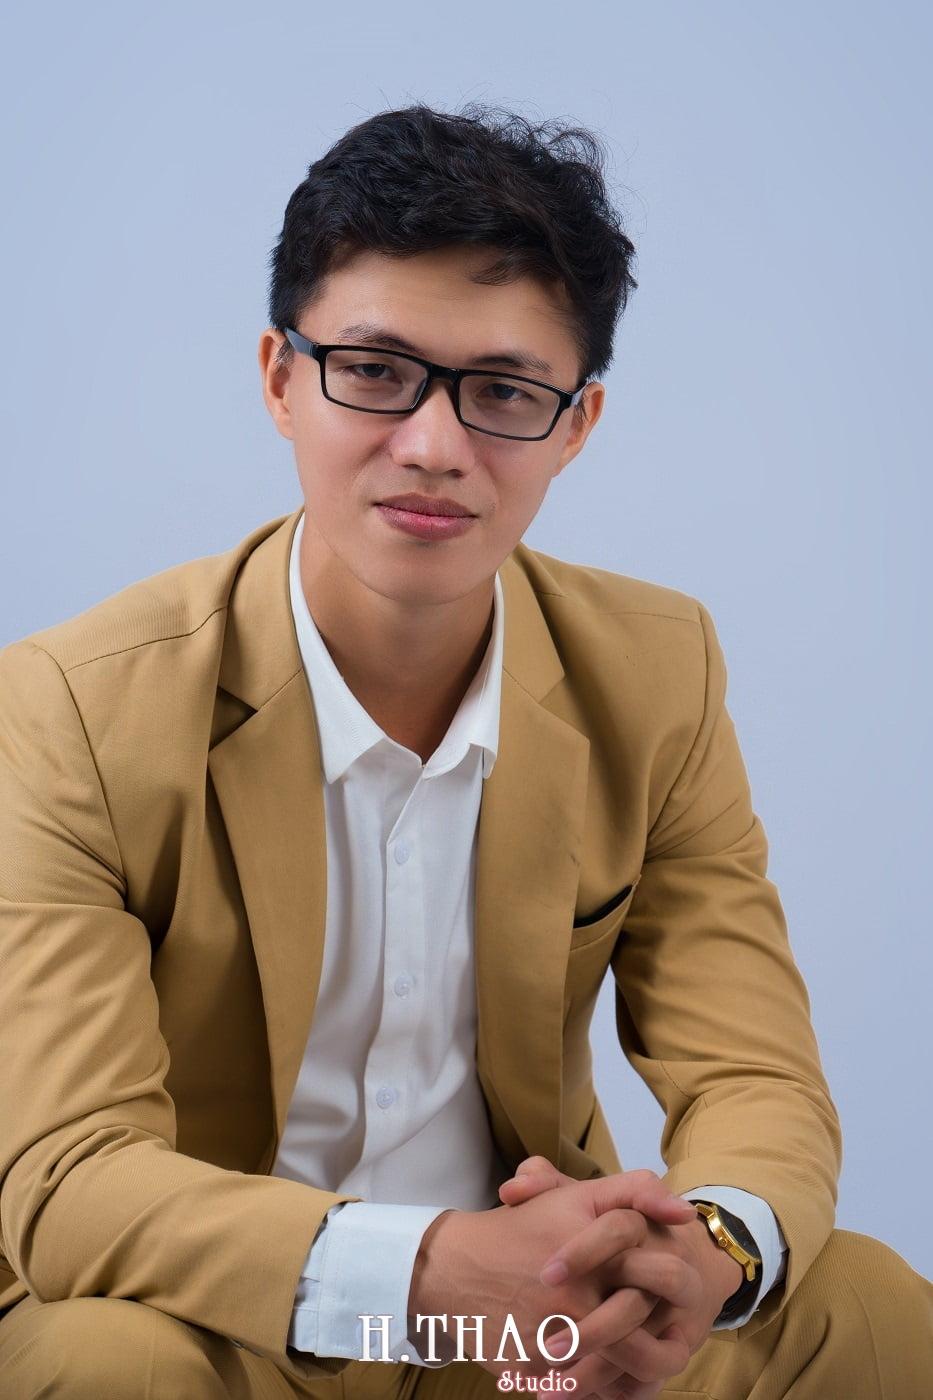 Leo 11 min - Studio chụp ảnh profile cá nhân chuyên nghiệp ở Tp.HCM- HThao Studio